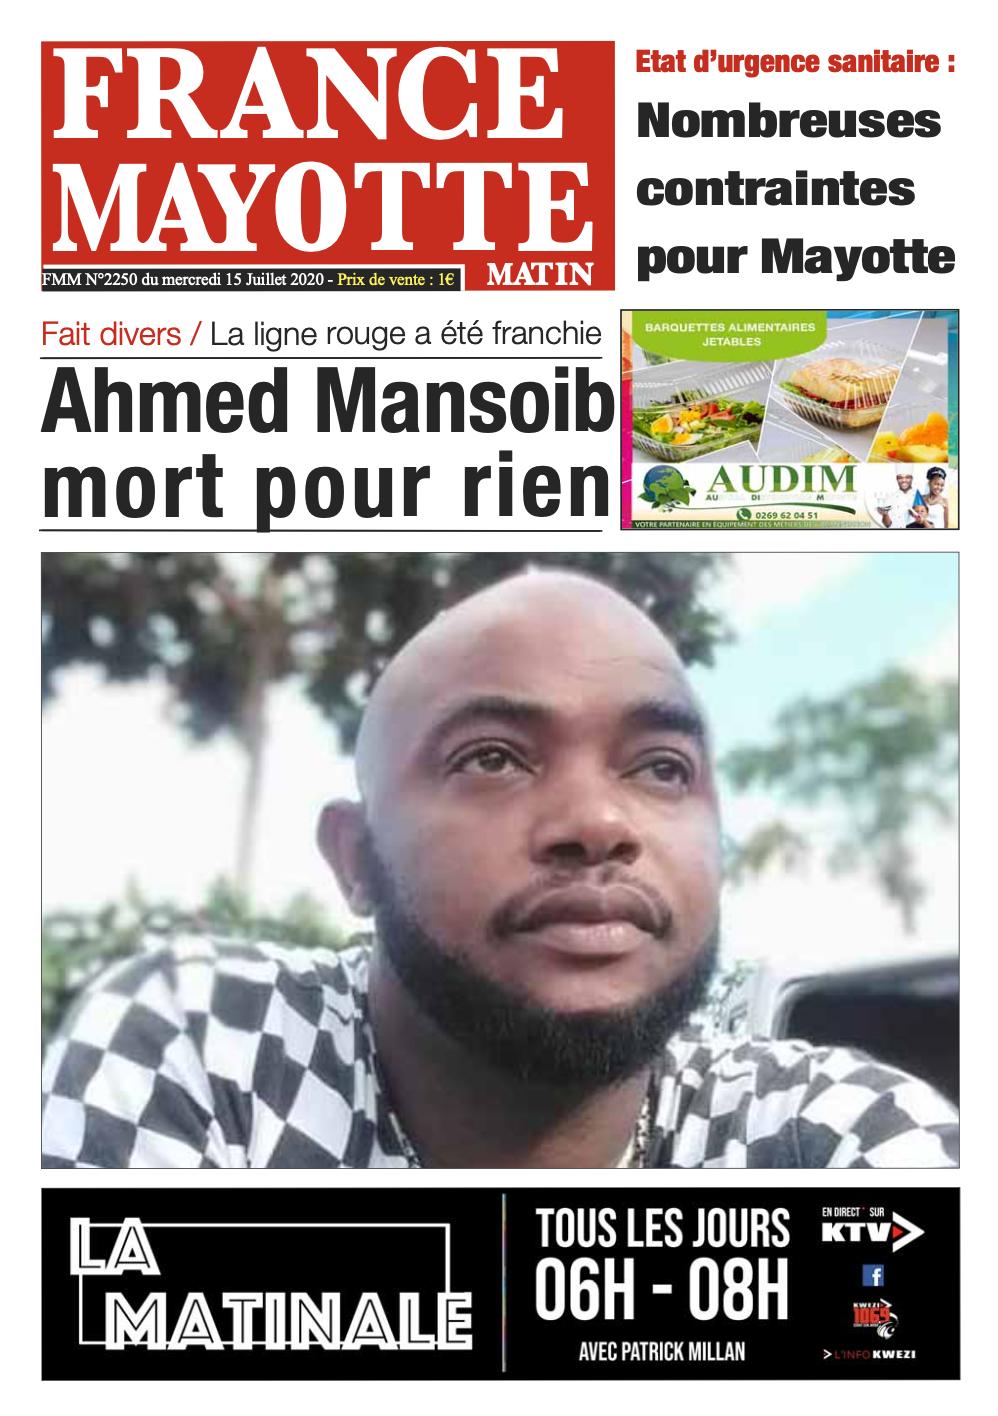 France Mayotte Mercredi 15 juillet 2020